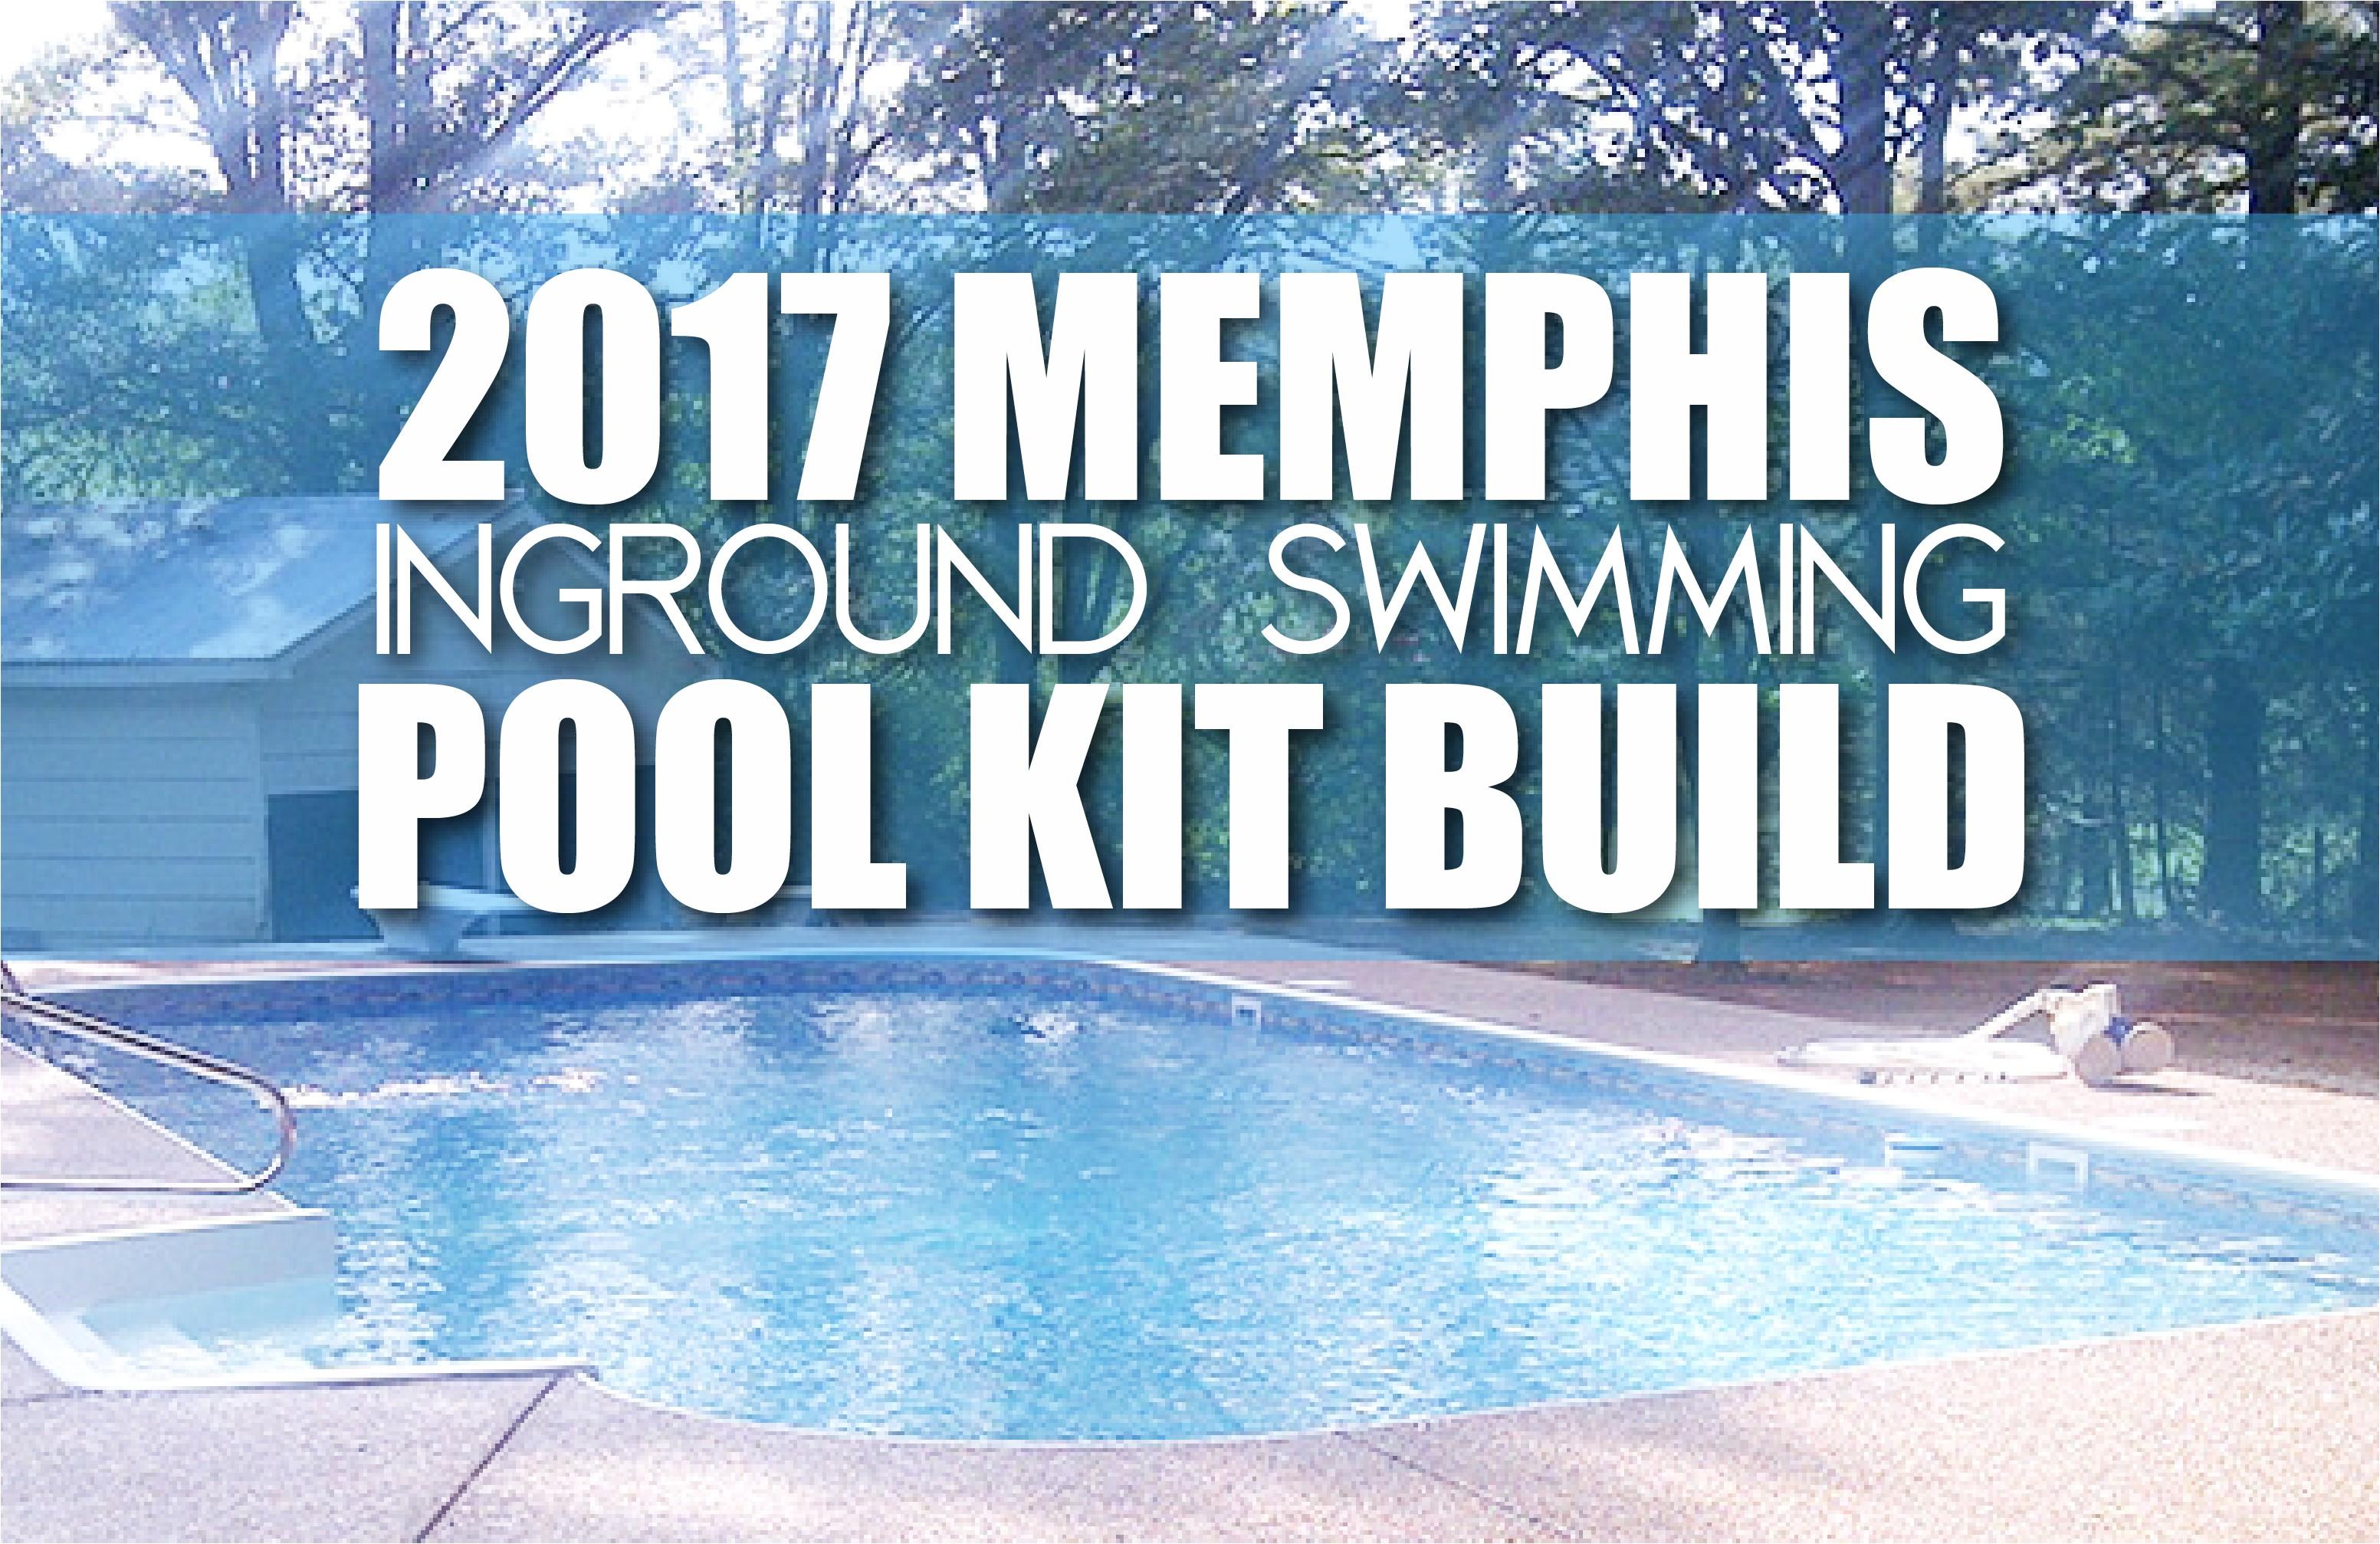 2017 memphis pool kit build 01 png